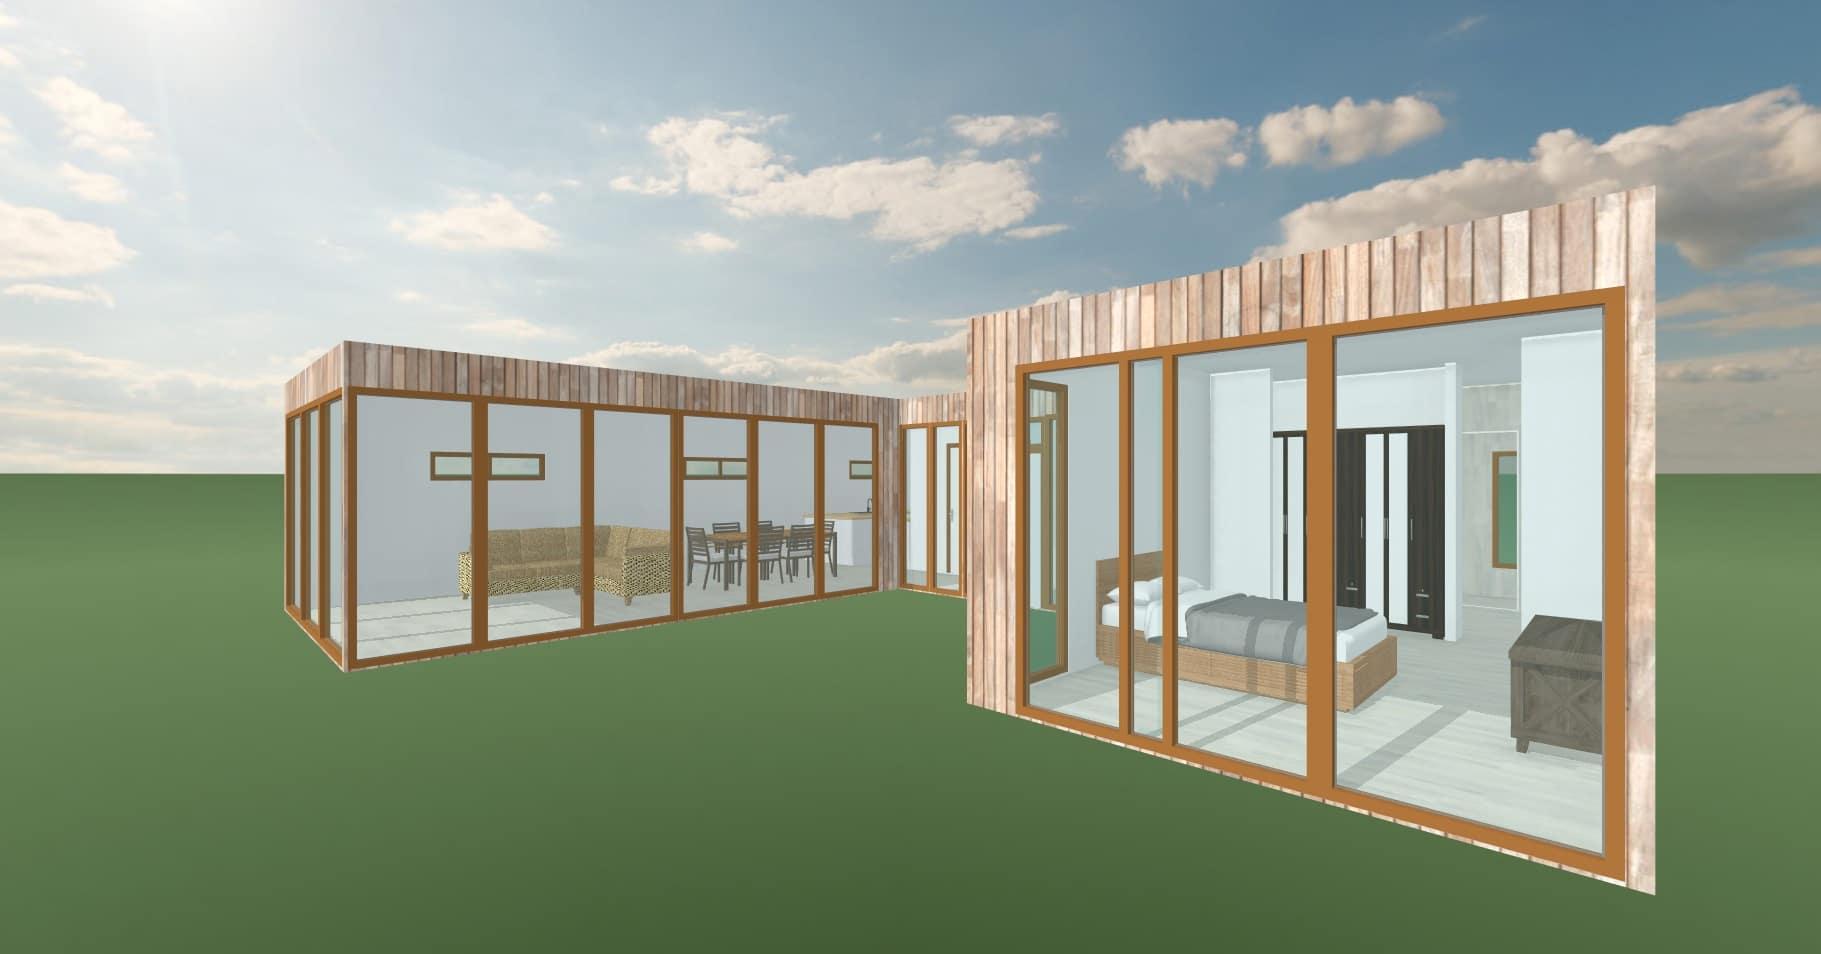 Elevacion dormitorio   103 m2Casa mediterranea prefabricada en U